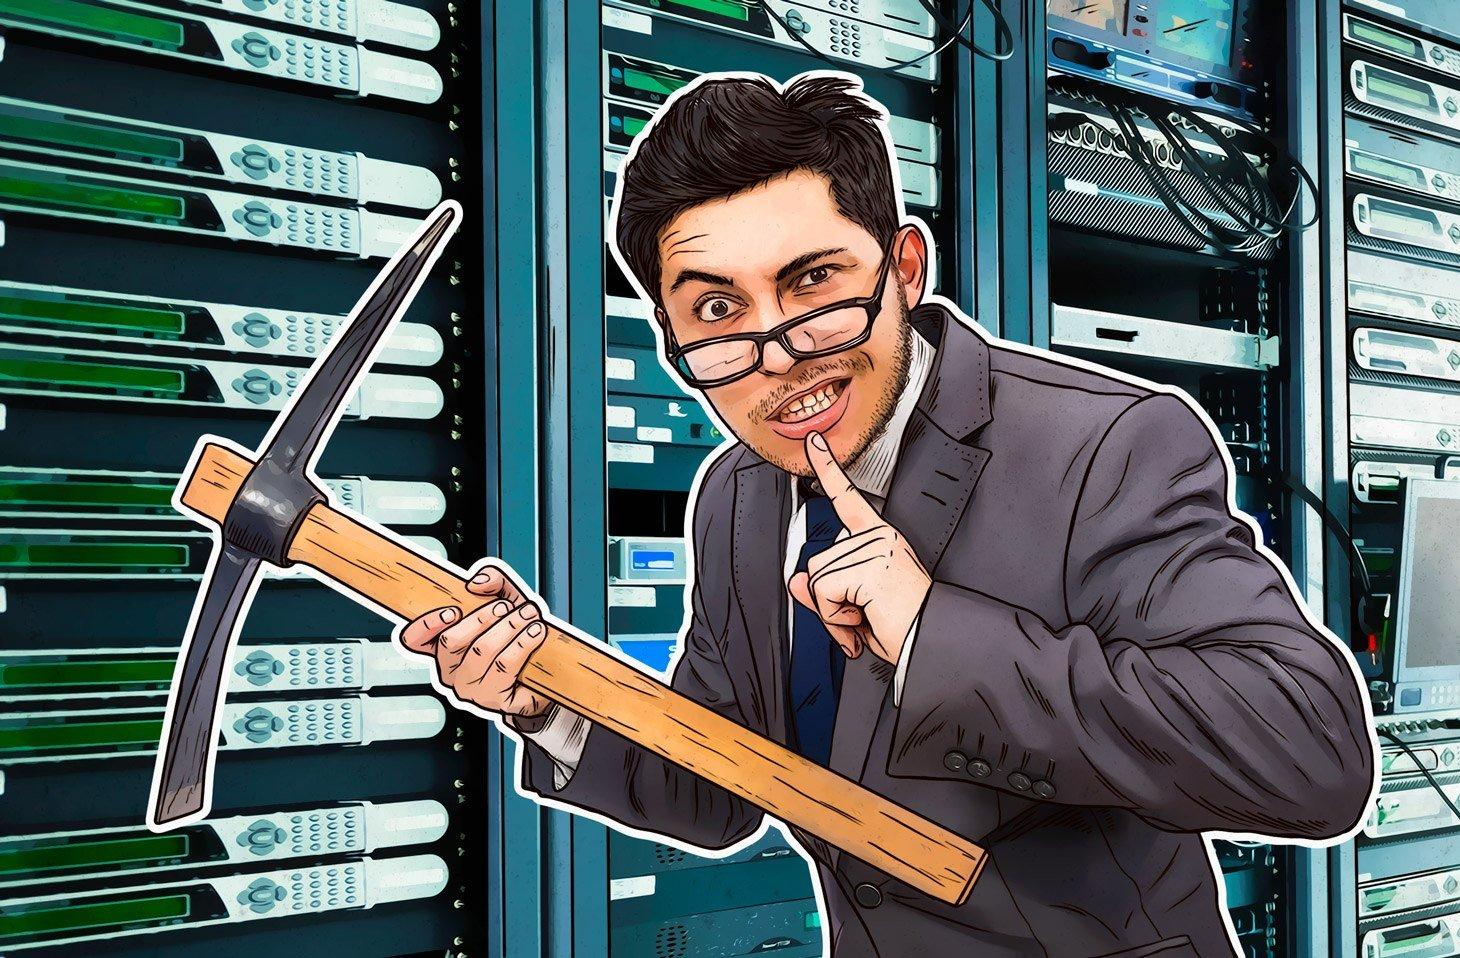 谁在用你的服务器挖矿?